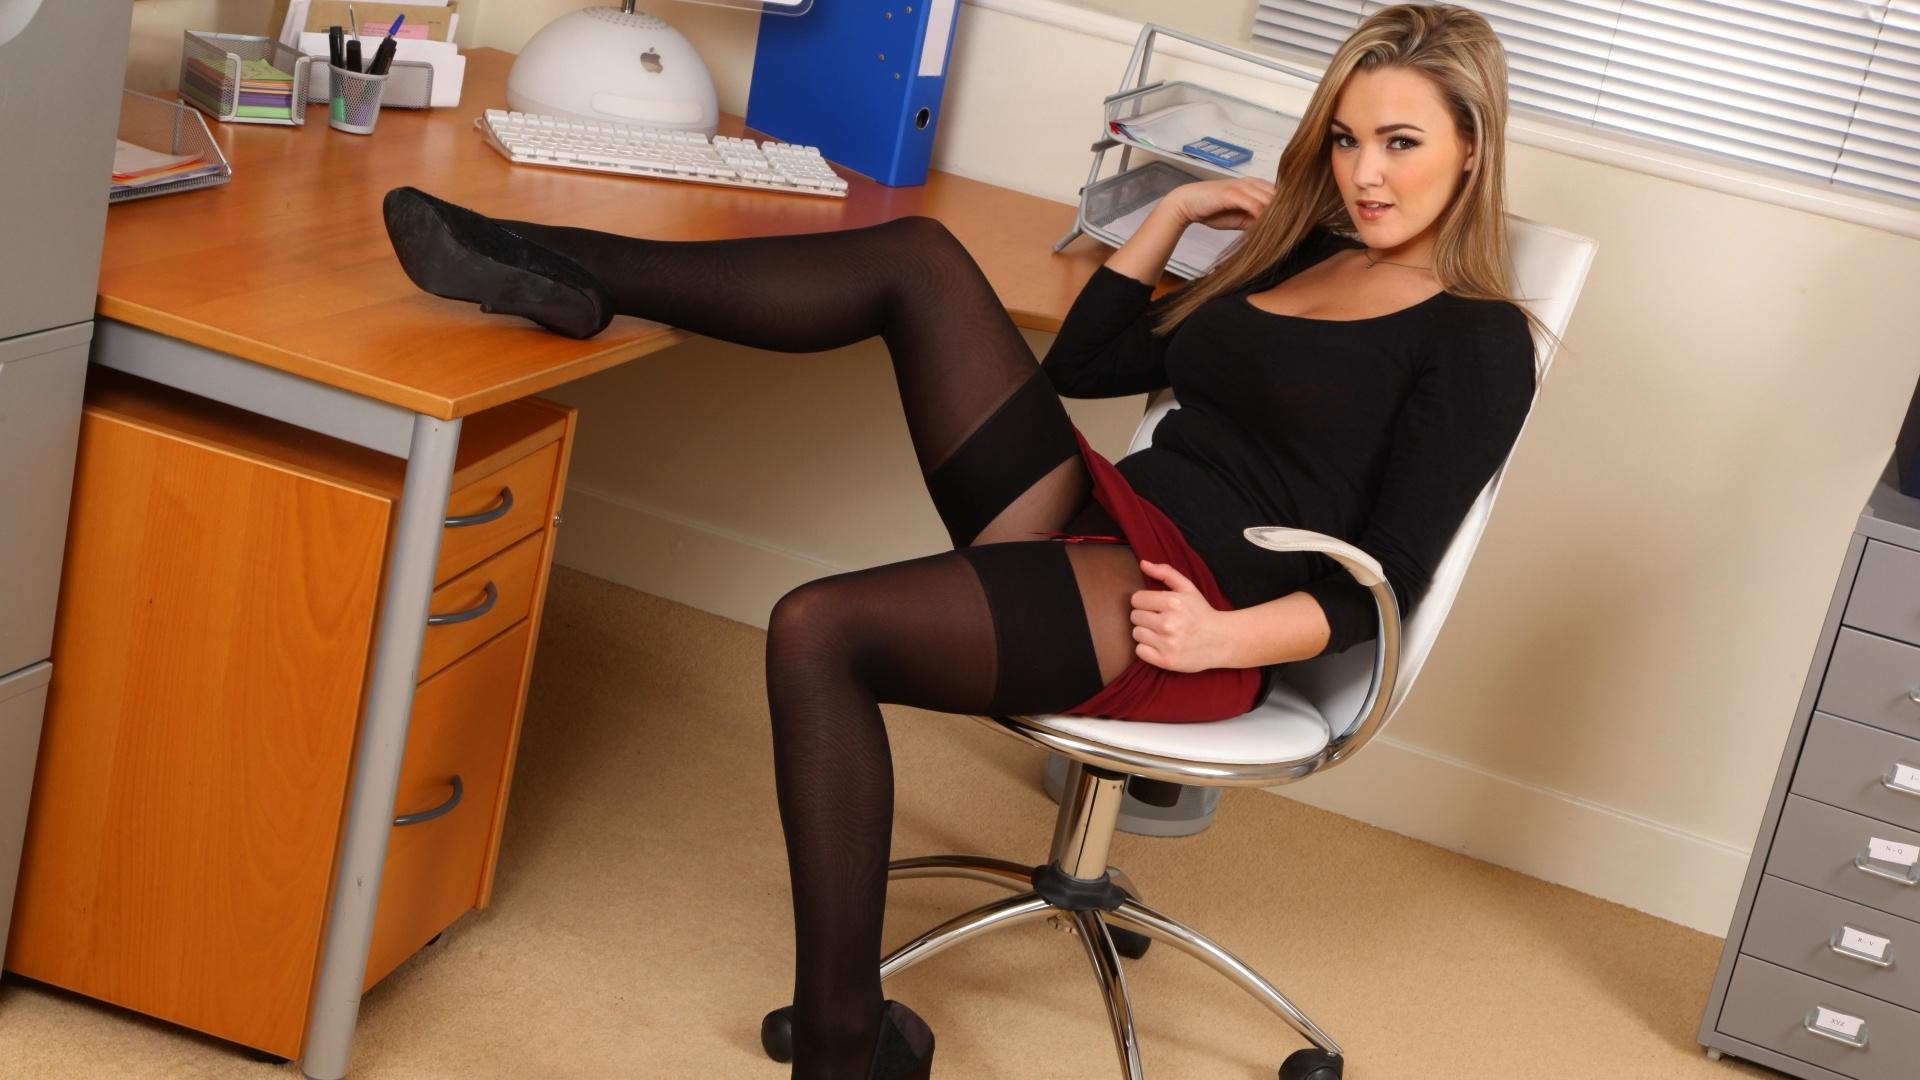 Секретарши в юбочках 12 фотография